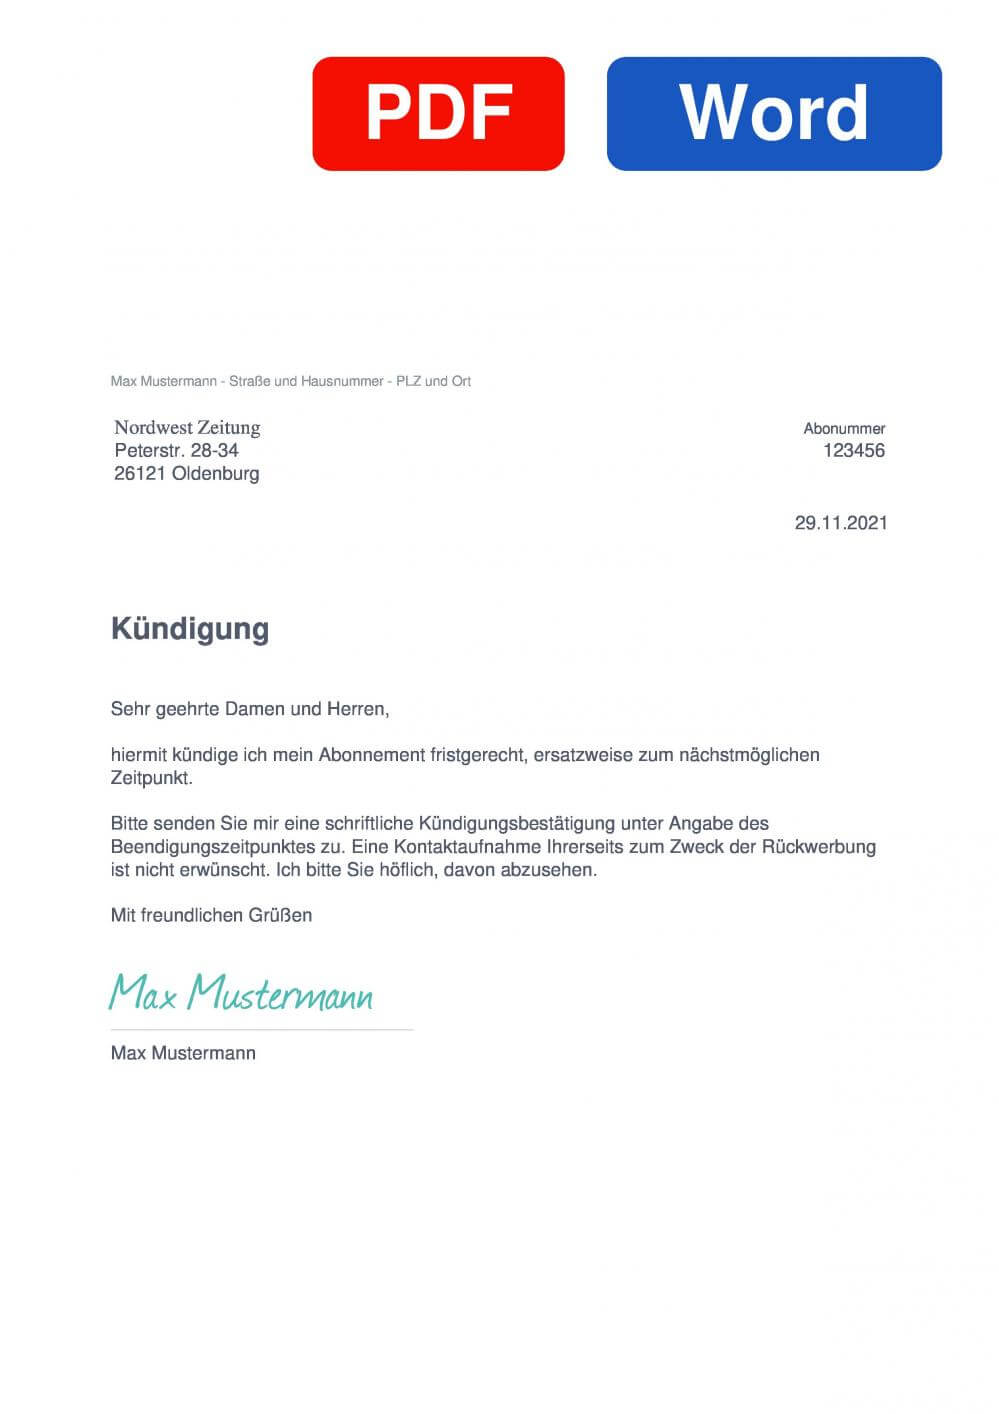 Nordwest Zeitung Muster Vorlage für Kündigungsschreiben